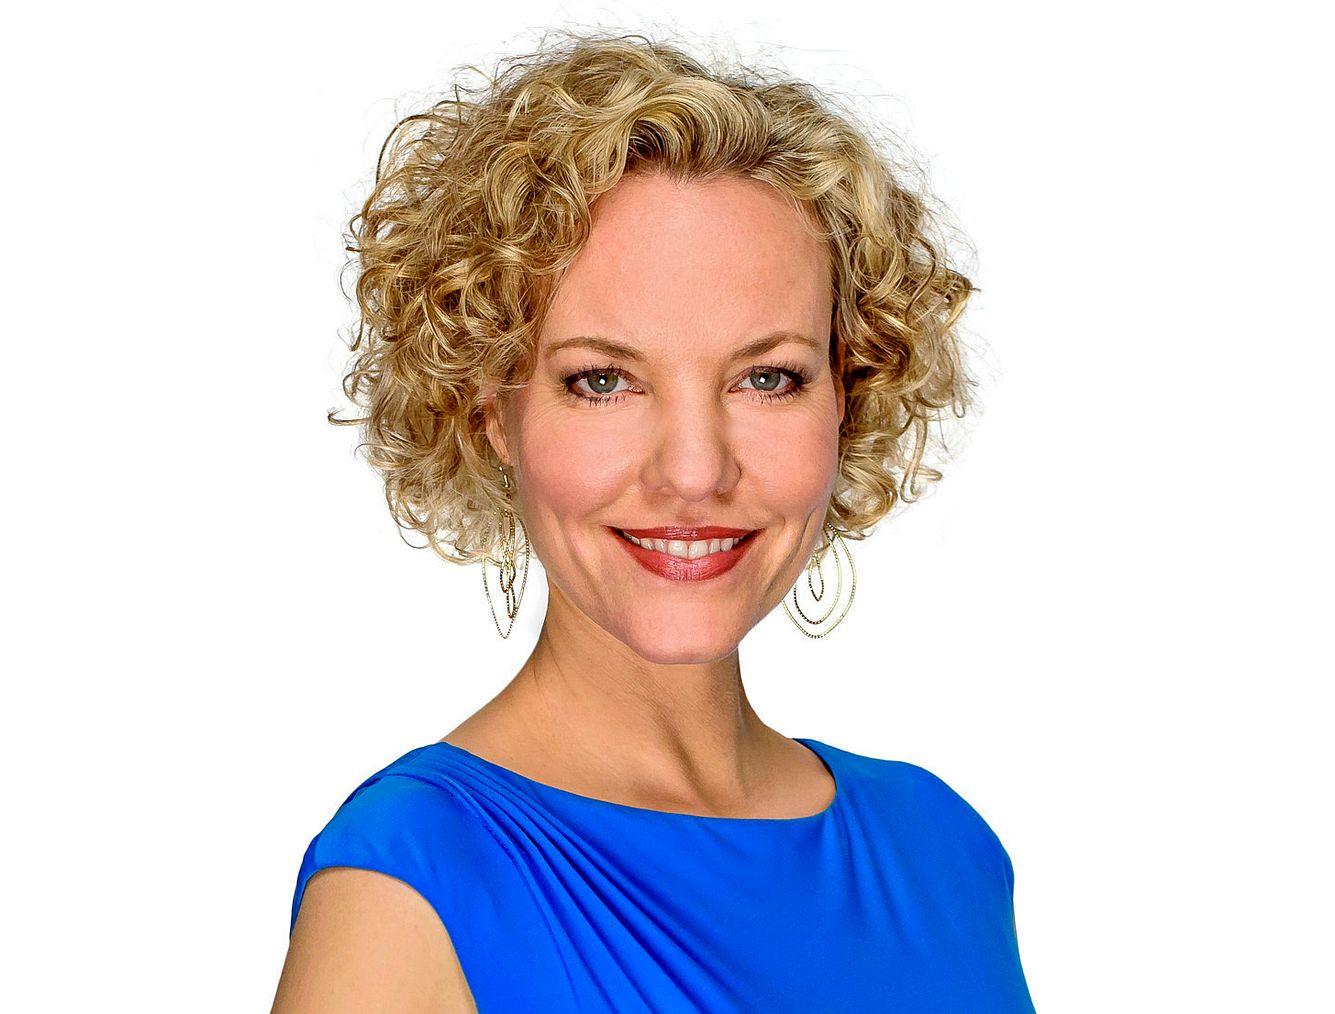 Bei 'Sturm der Liebe' spielte Melanie Wiegmann die Natascha Schweitzer.